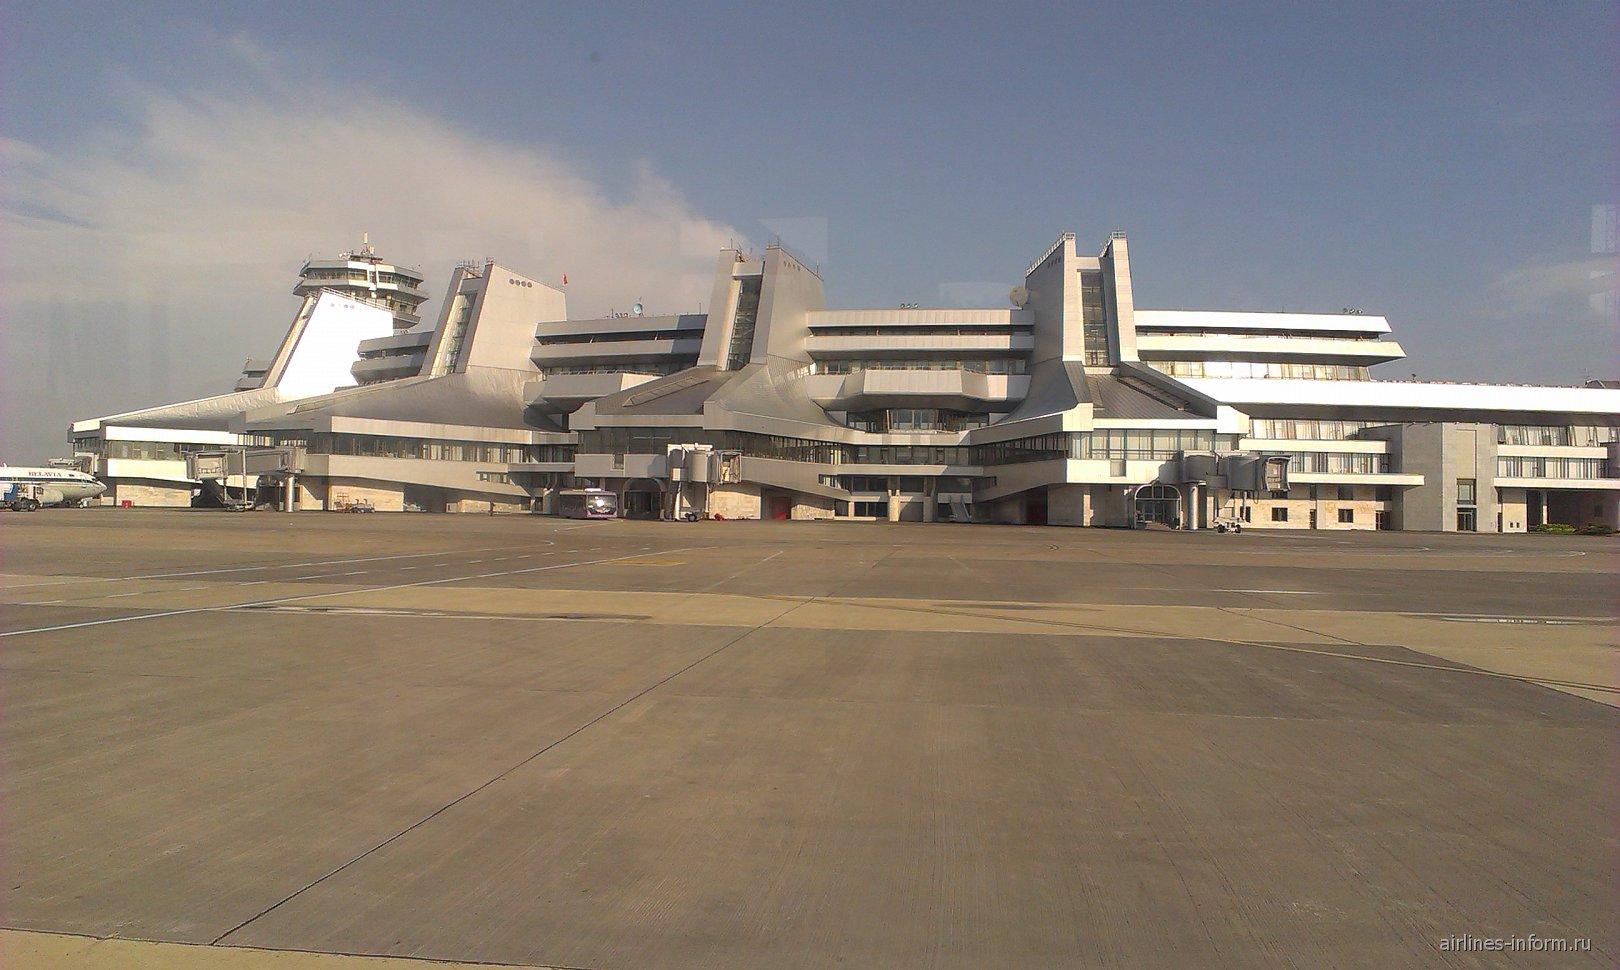 Аэровокзал аэропорта Минск Национальный со стороны перрона